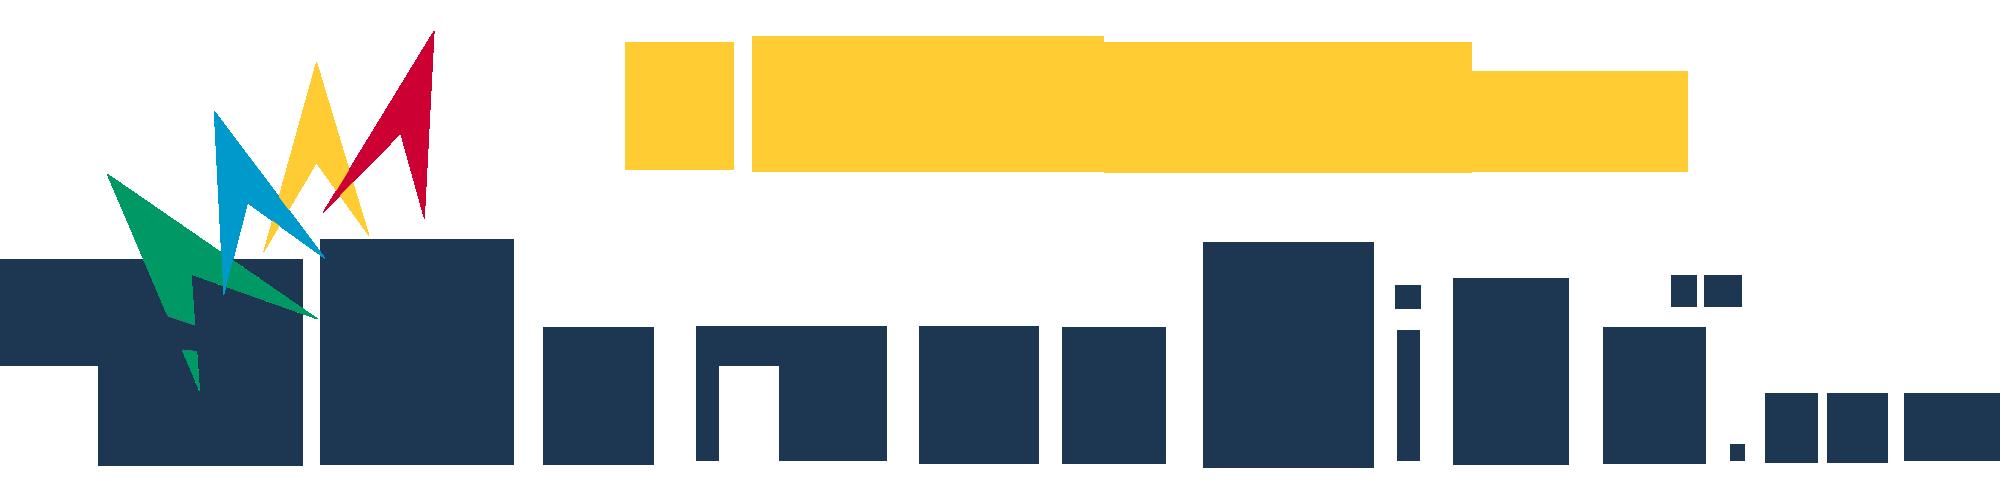 GamesBids.com Forums